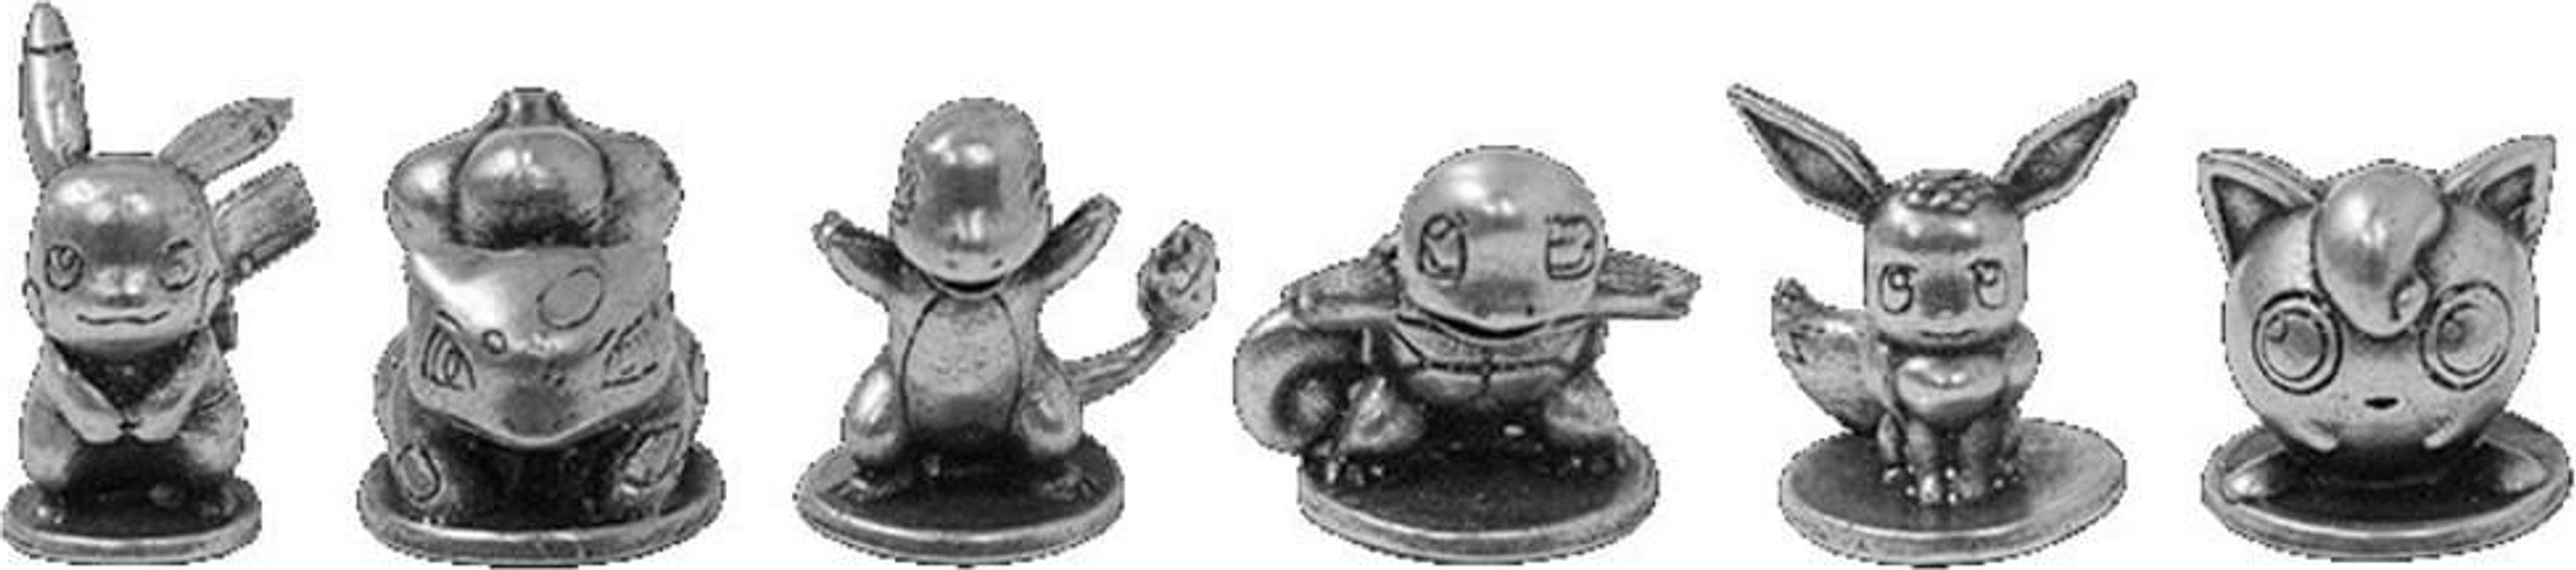 Monopoly: Pokémon Kanto miniatures